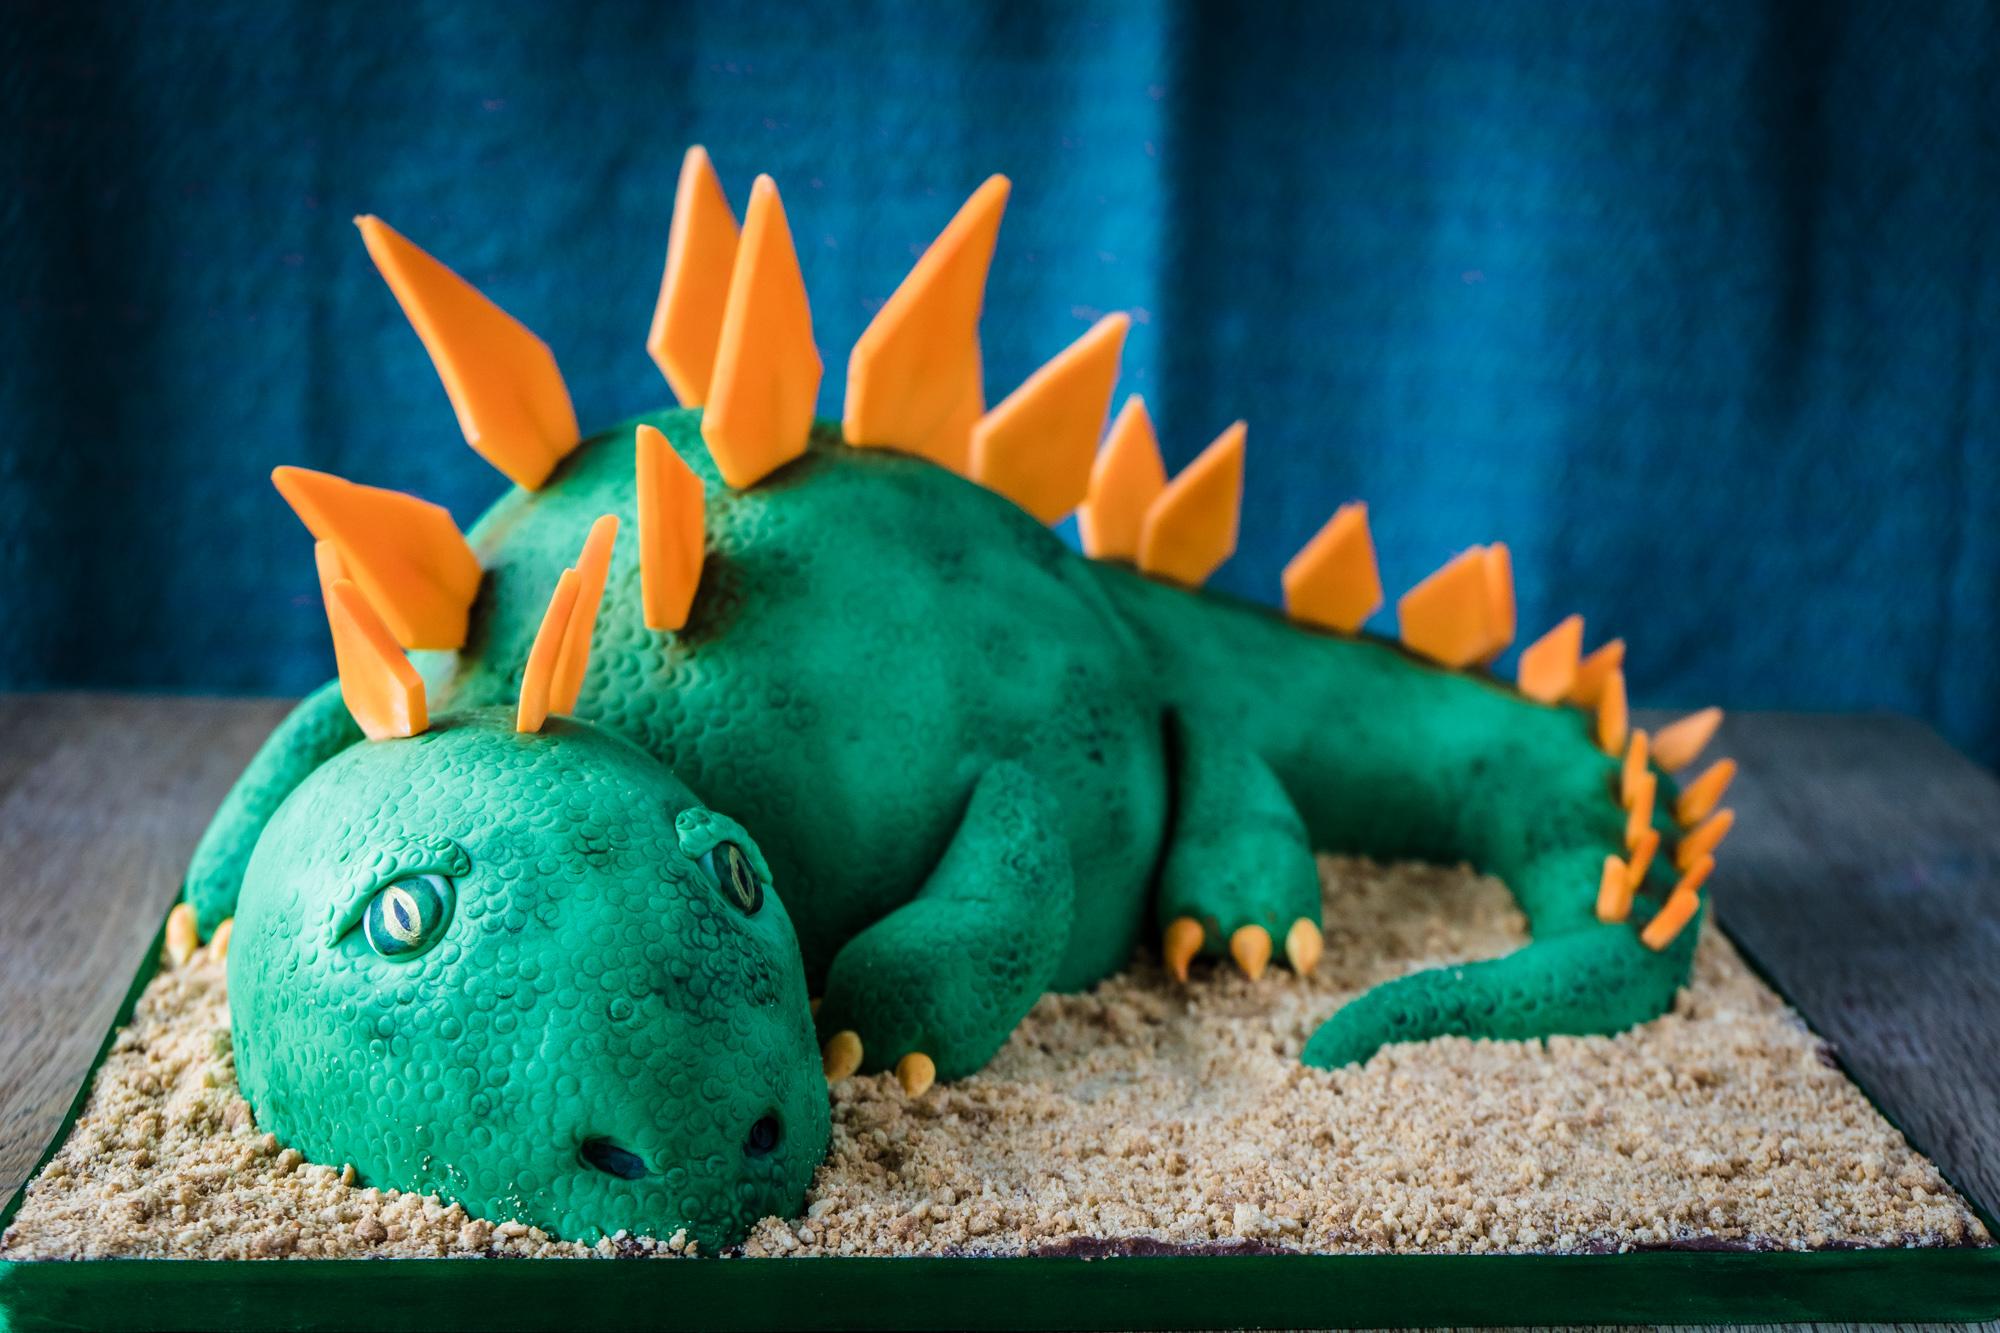 Resting dinosaur on sand birthday cake